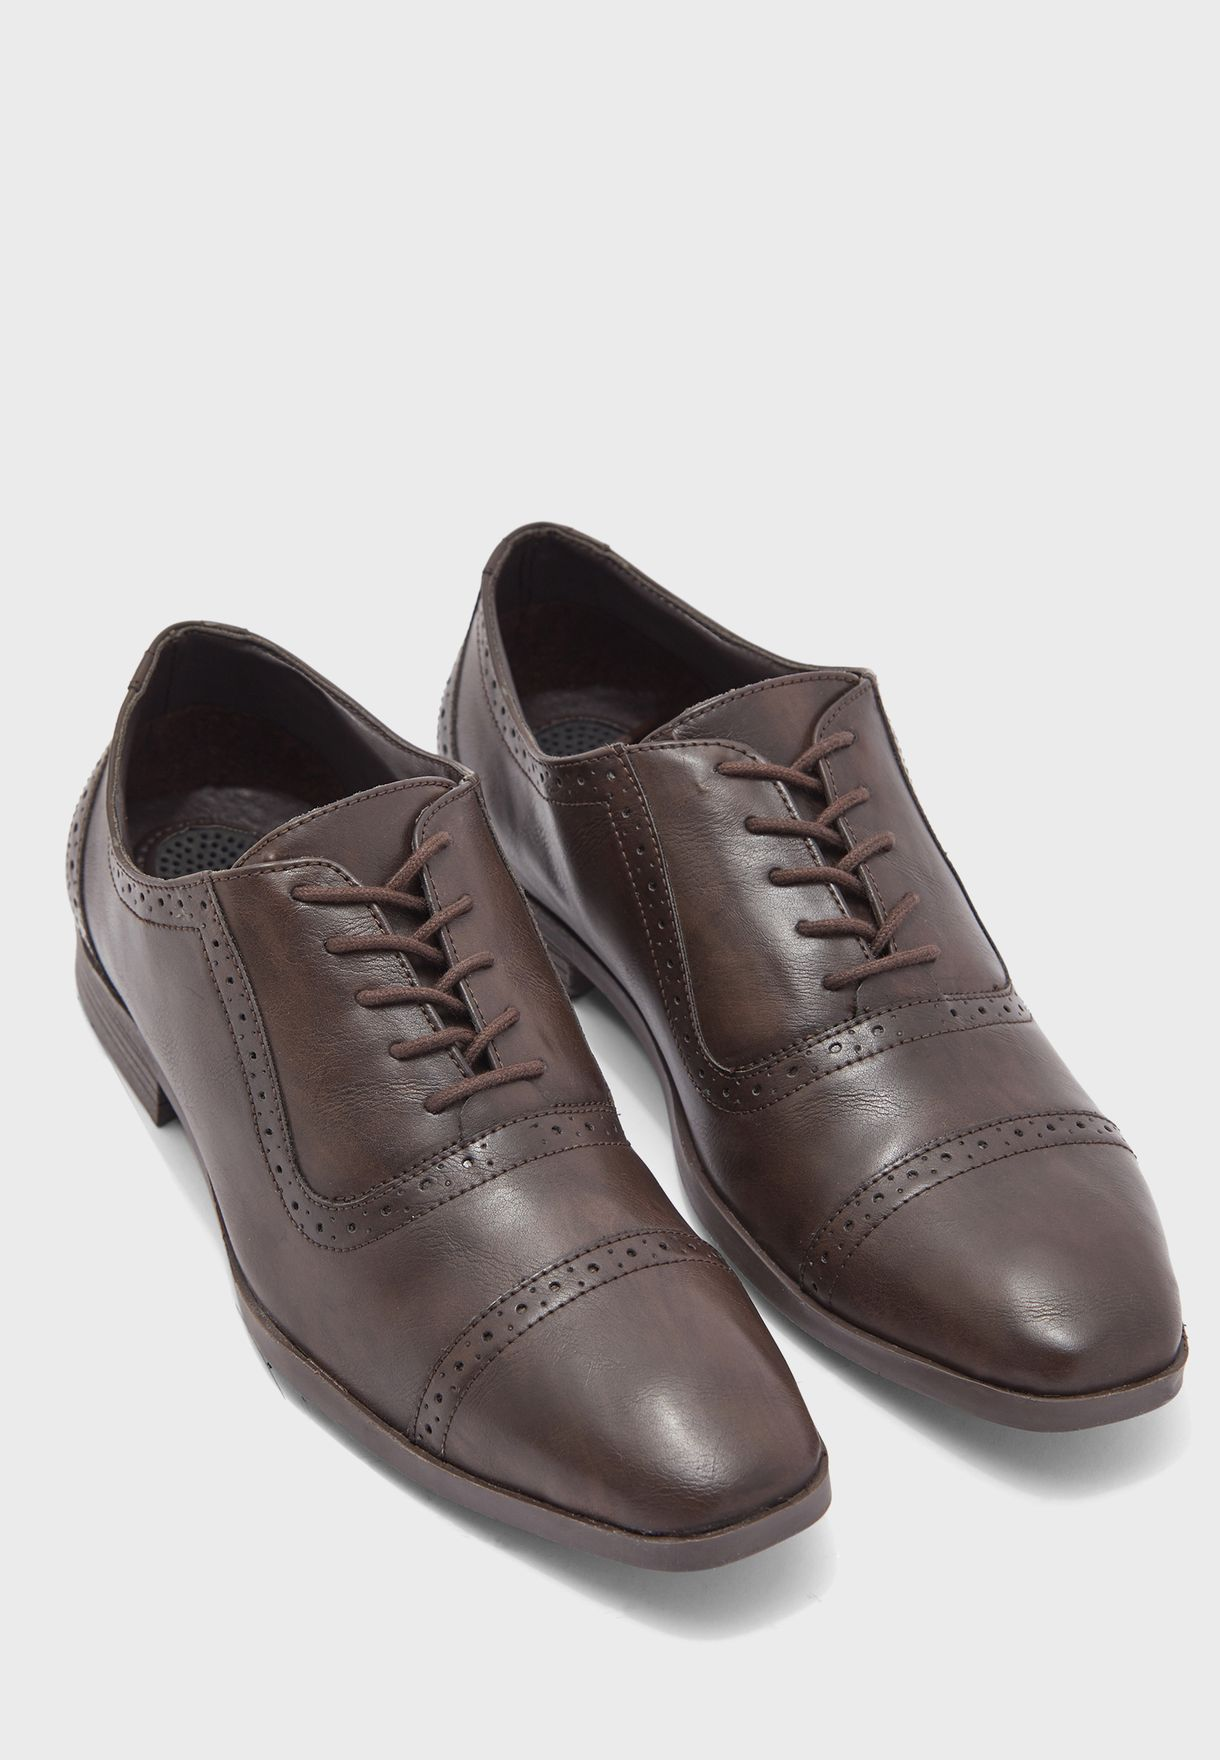 حذاء اوكسفورد رسمي بأربطة